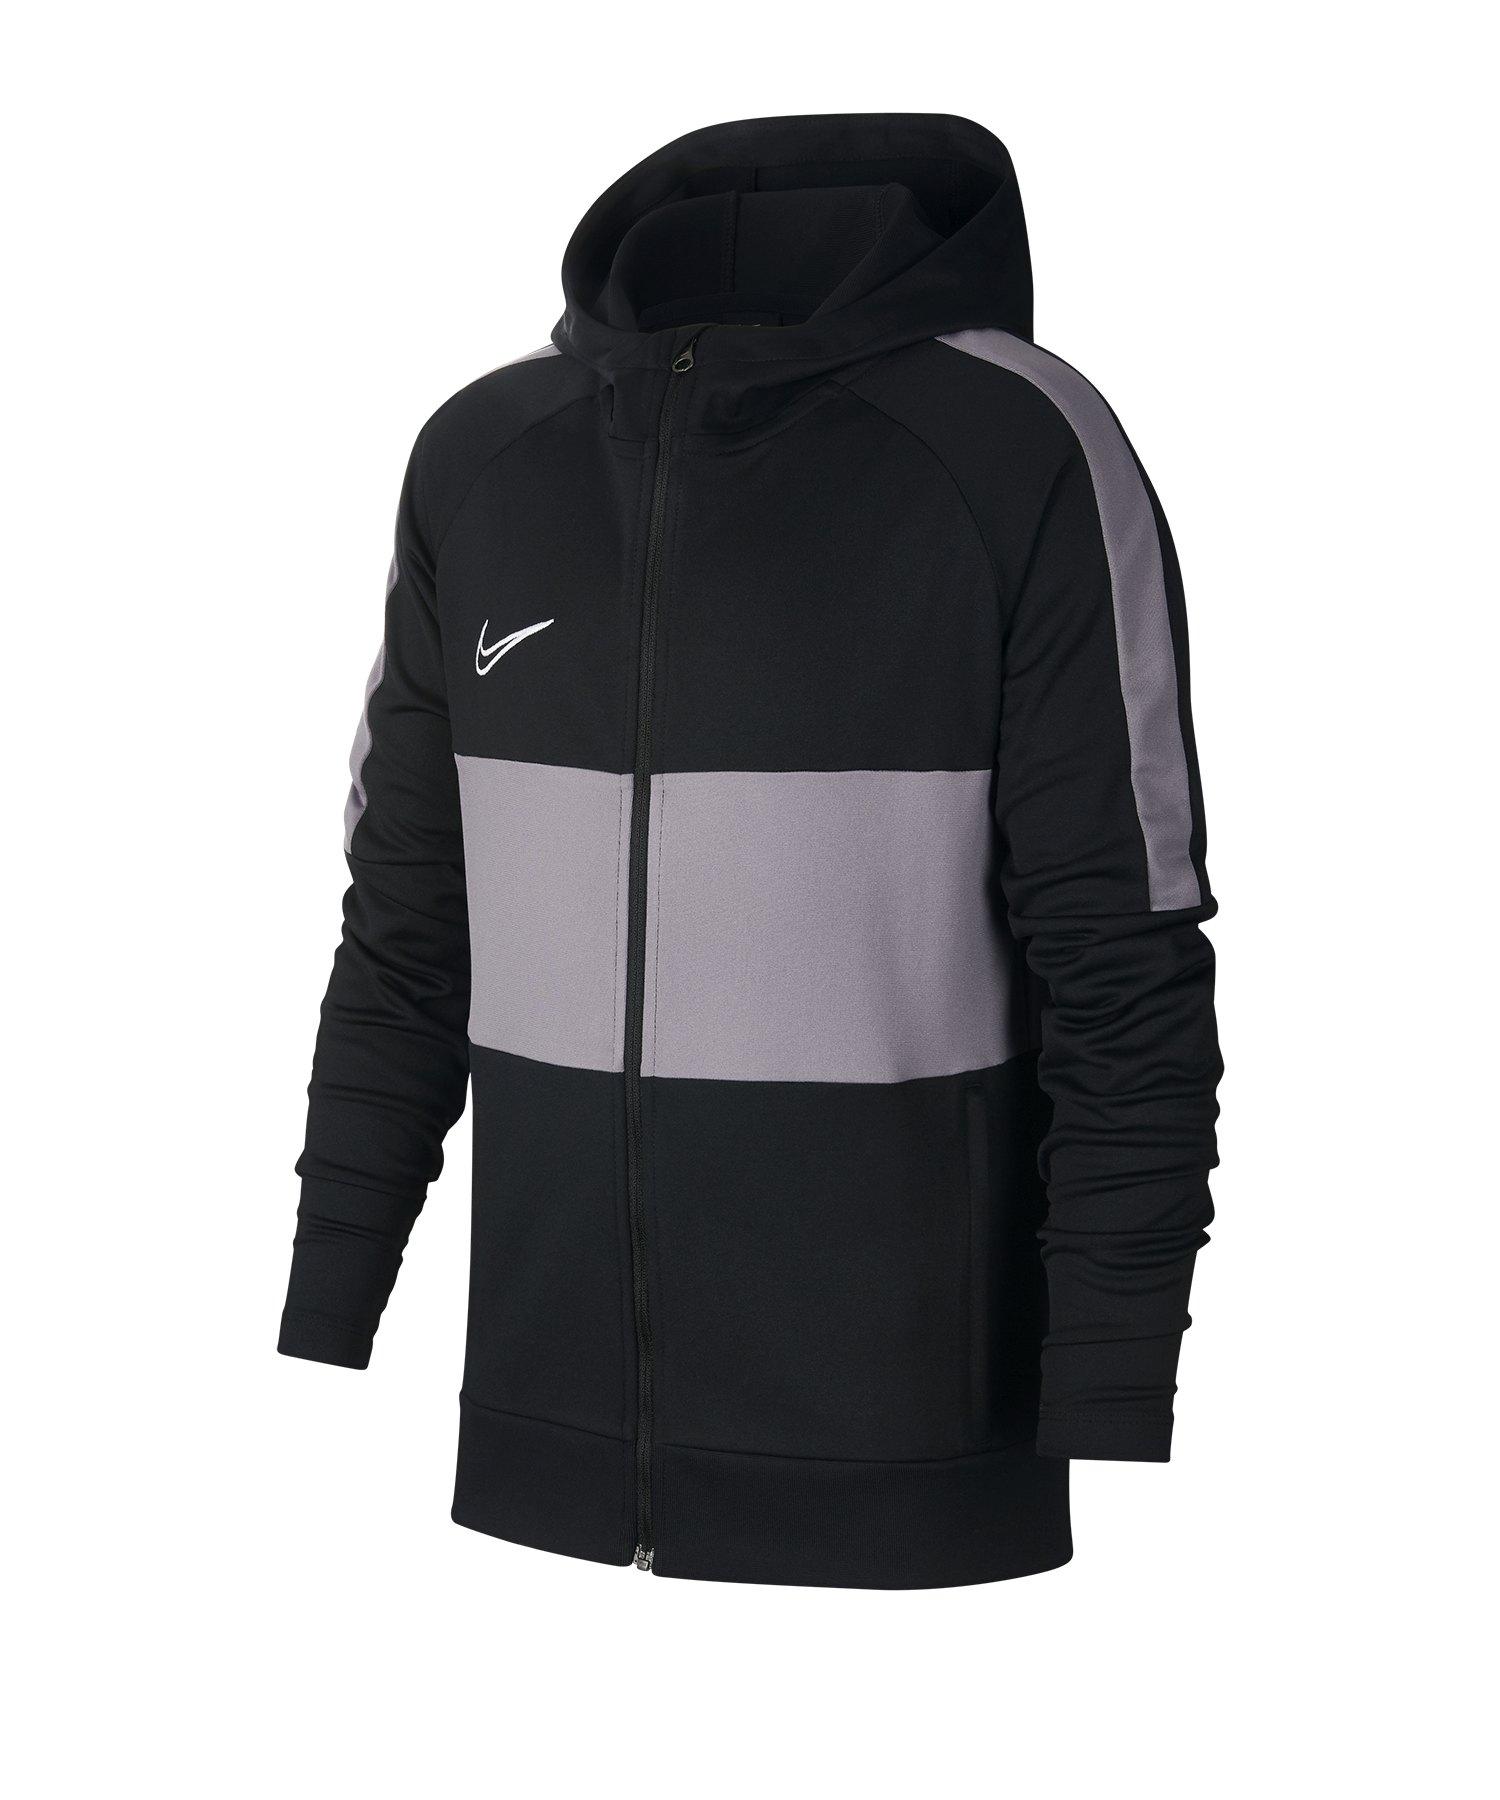 Nike Dri-FIT Academy I96 Kapuzenjacke Kids F011 - schwarz